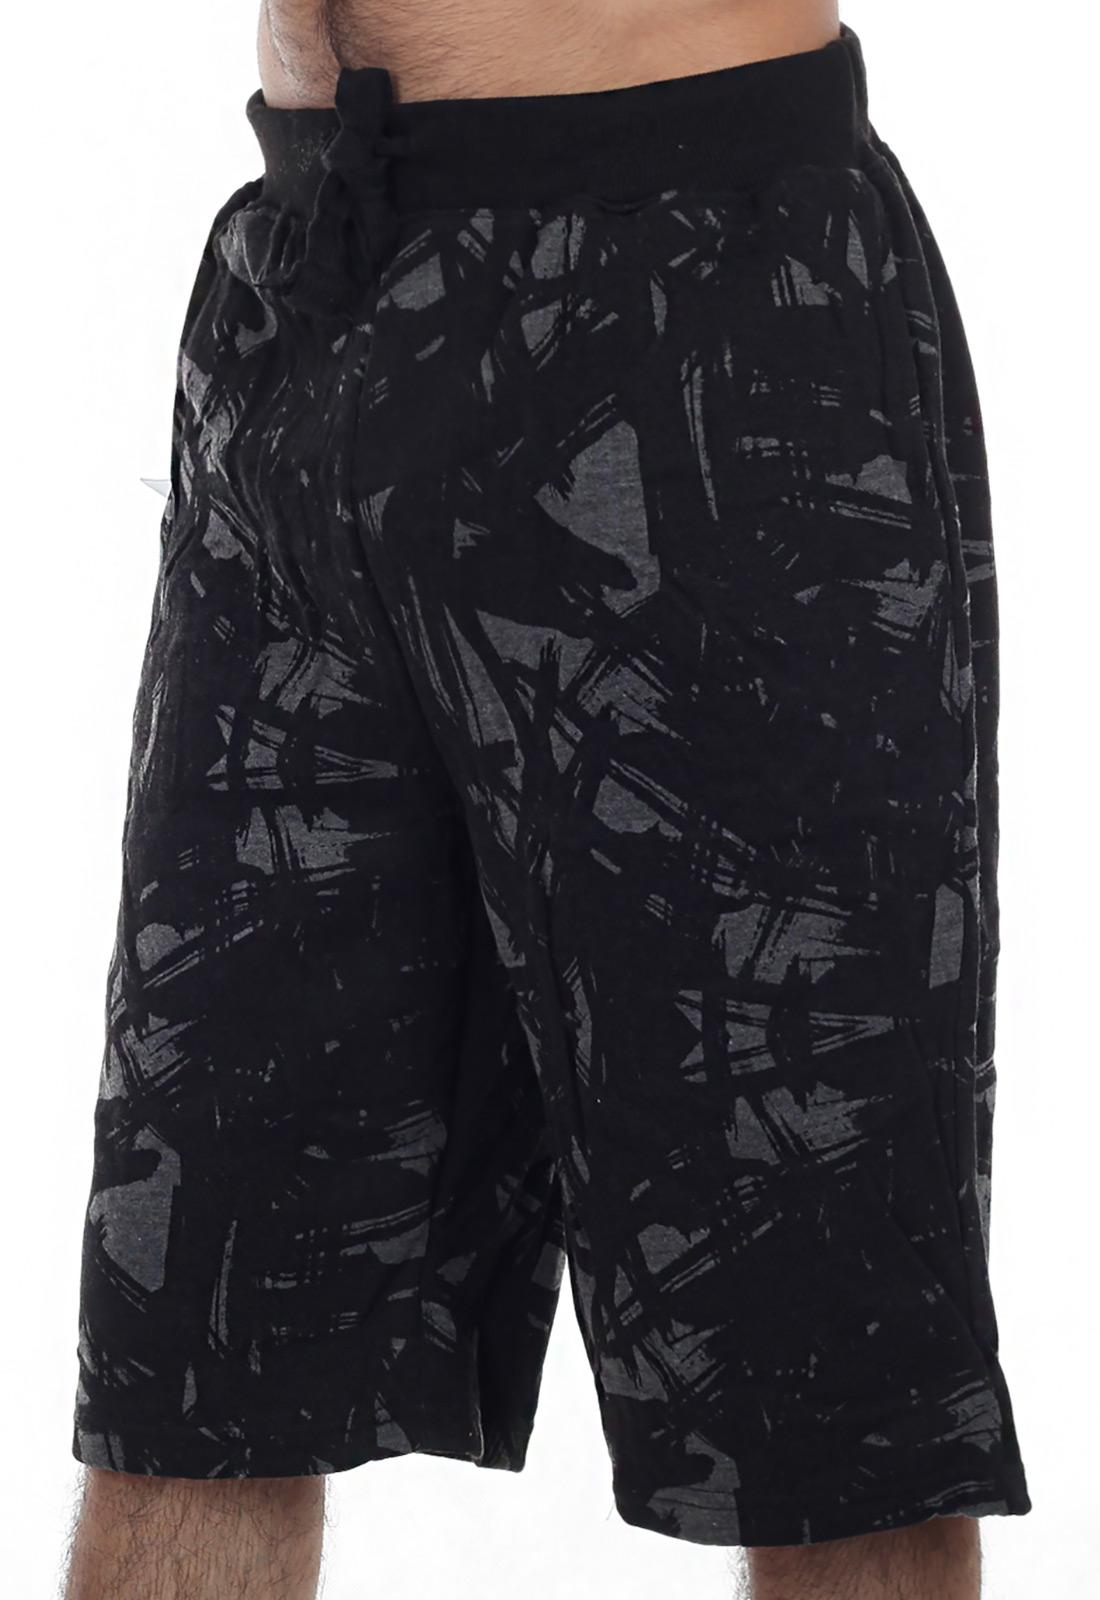 Купить брендовые мужские шорты Vibes Gold Jogger